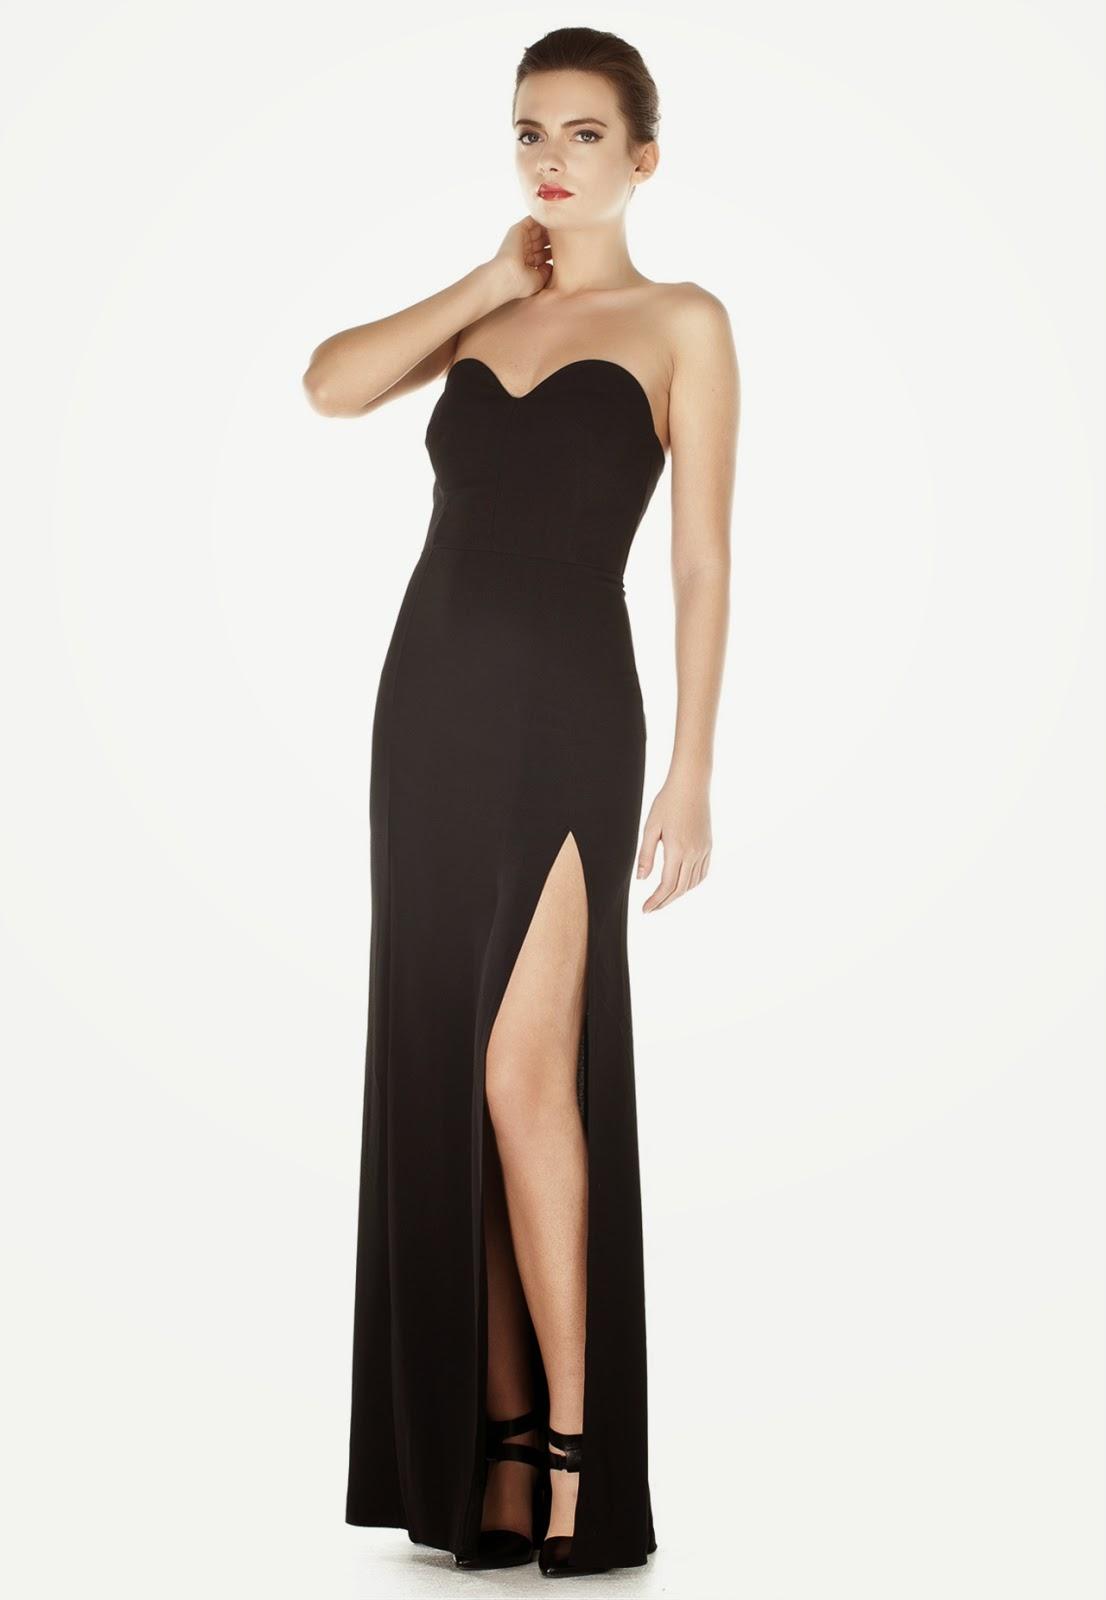 daefa62e06406 2015 yılbaşı elbisesi olarak mini abiye elbise modellerini tercih  ediyorsanız onlardan da var. Hatta yine aynı modelin hem kırmızısı hem de  siyahı var.